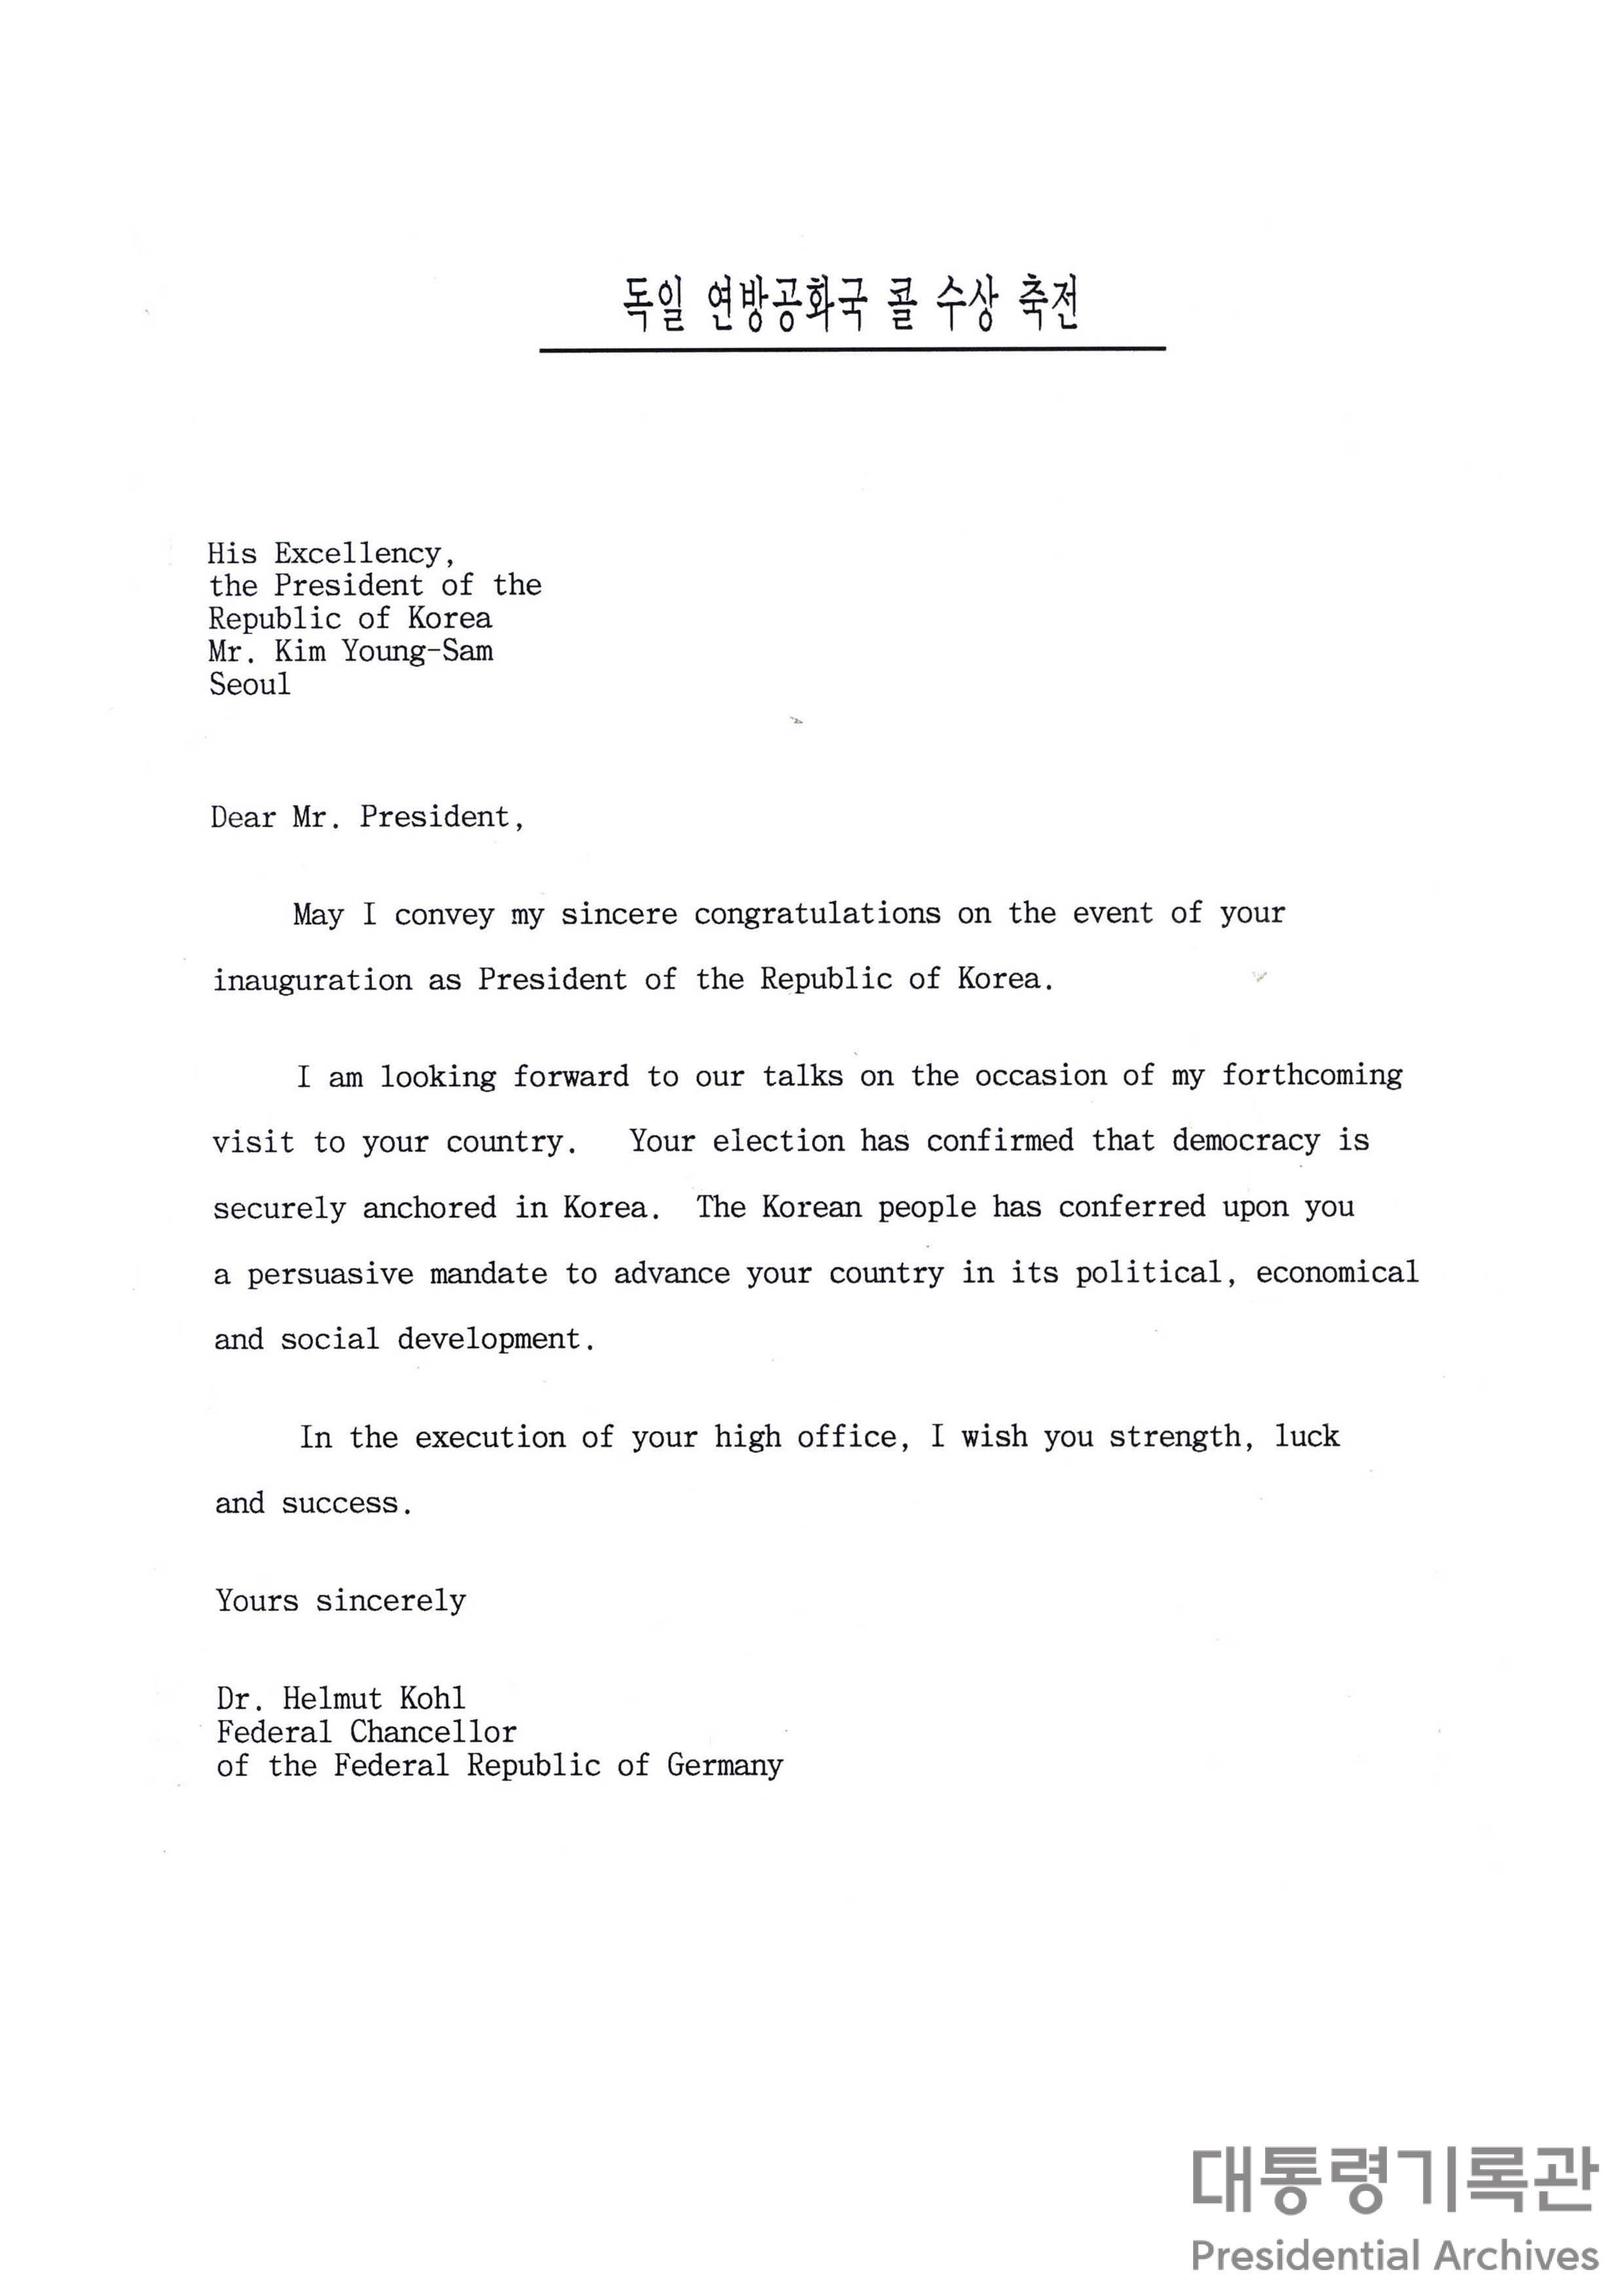 헬무트 콜(Helmut Kohl) 독일연방공화국 수상이 김영삼 대통령에 보낸 서한